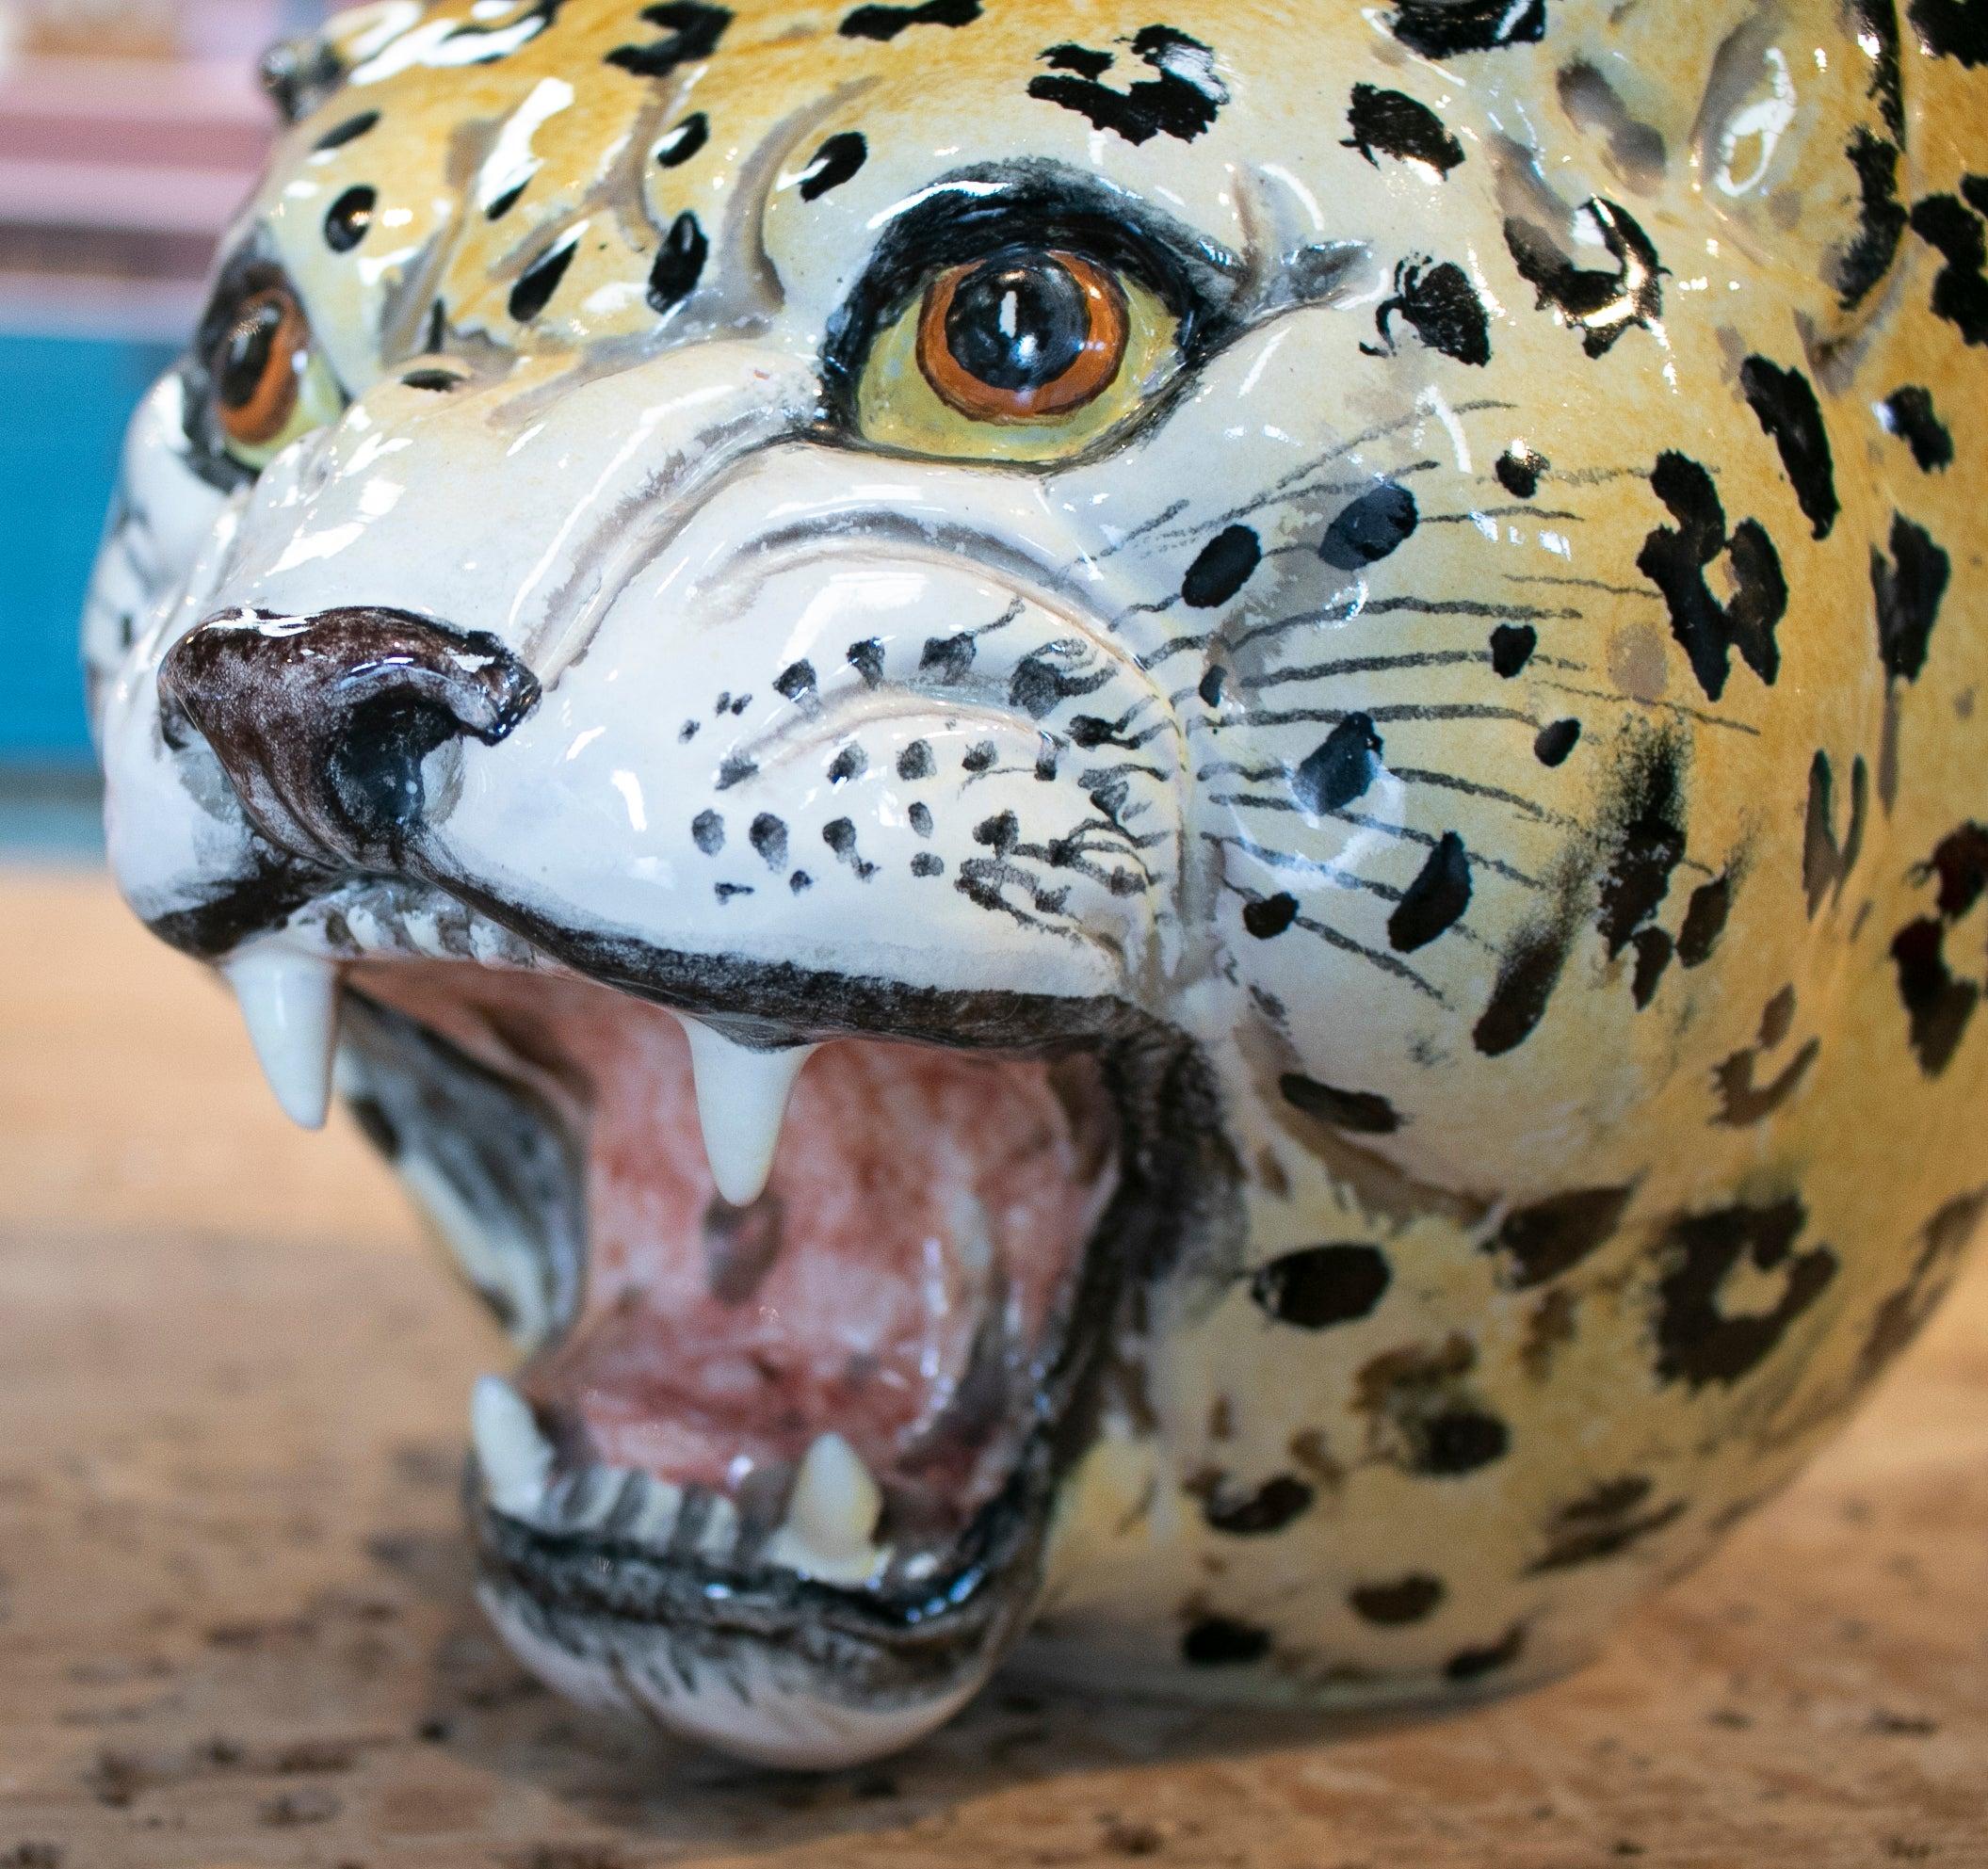 Pareja de Jarrones de Cerámica Española Esmaltada de Leopardo, de los Años 70